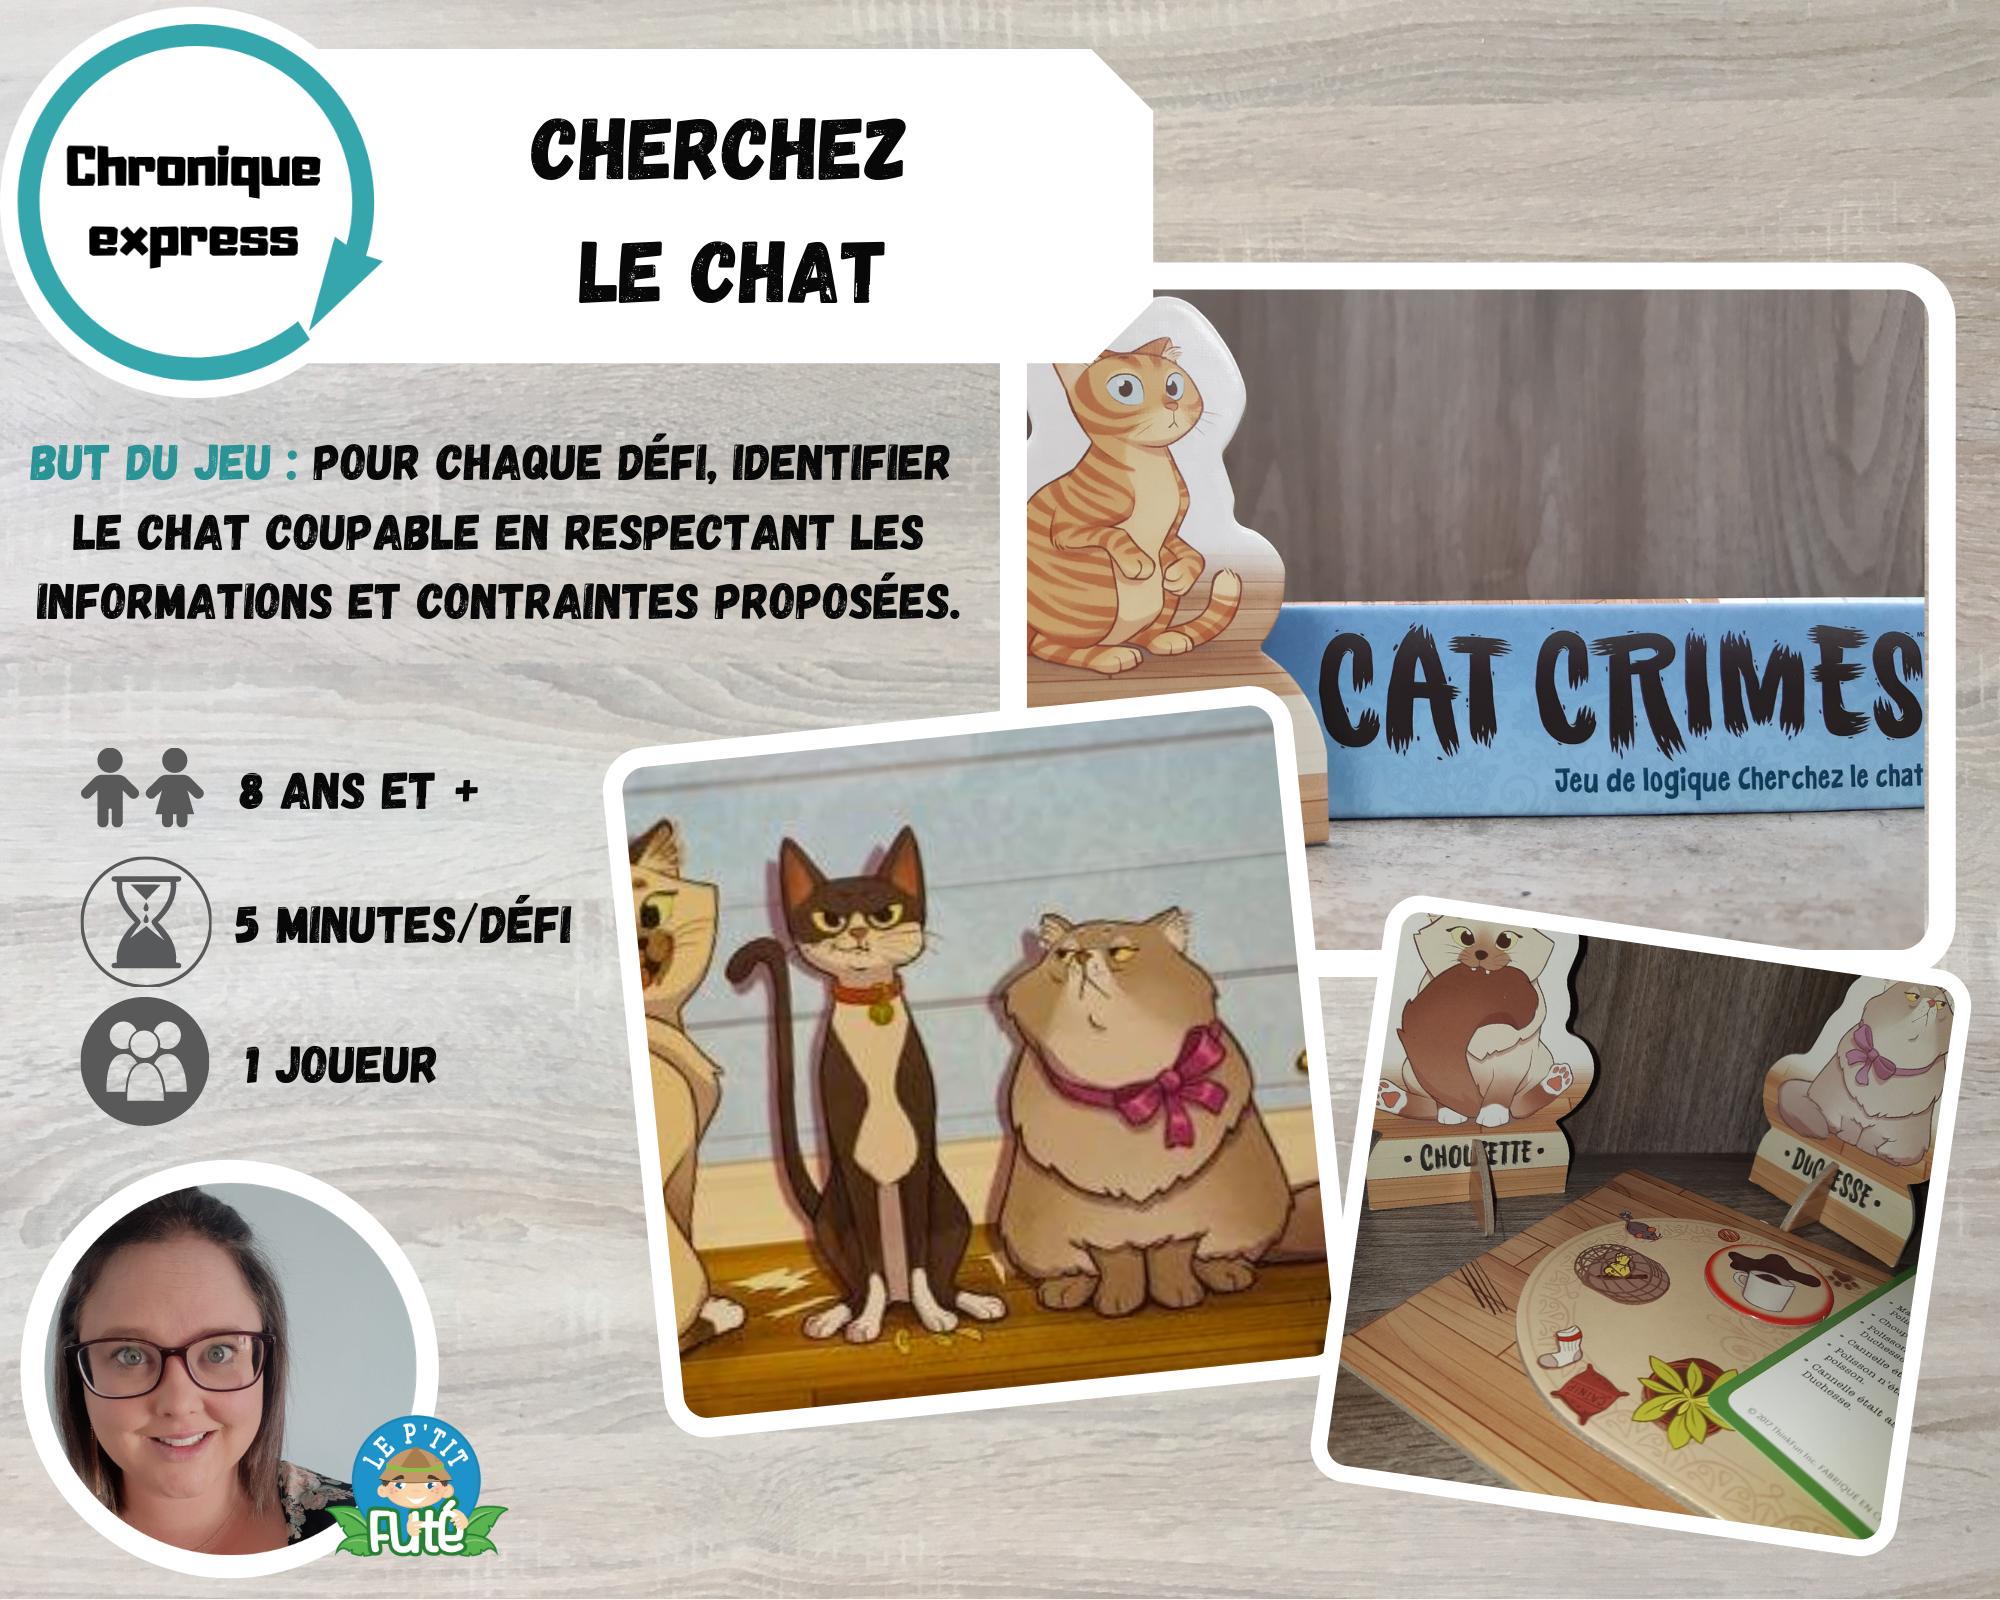 Chronique express - Cherchez le chat